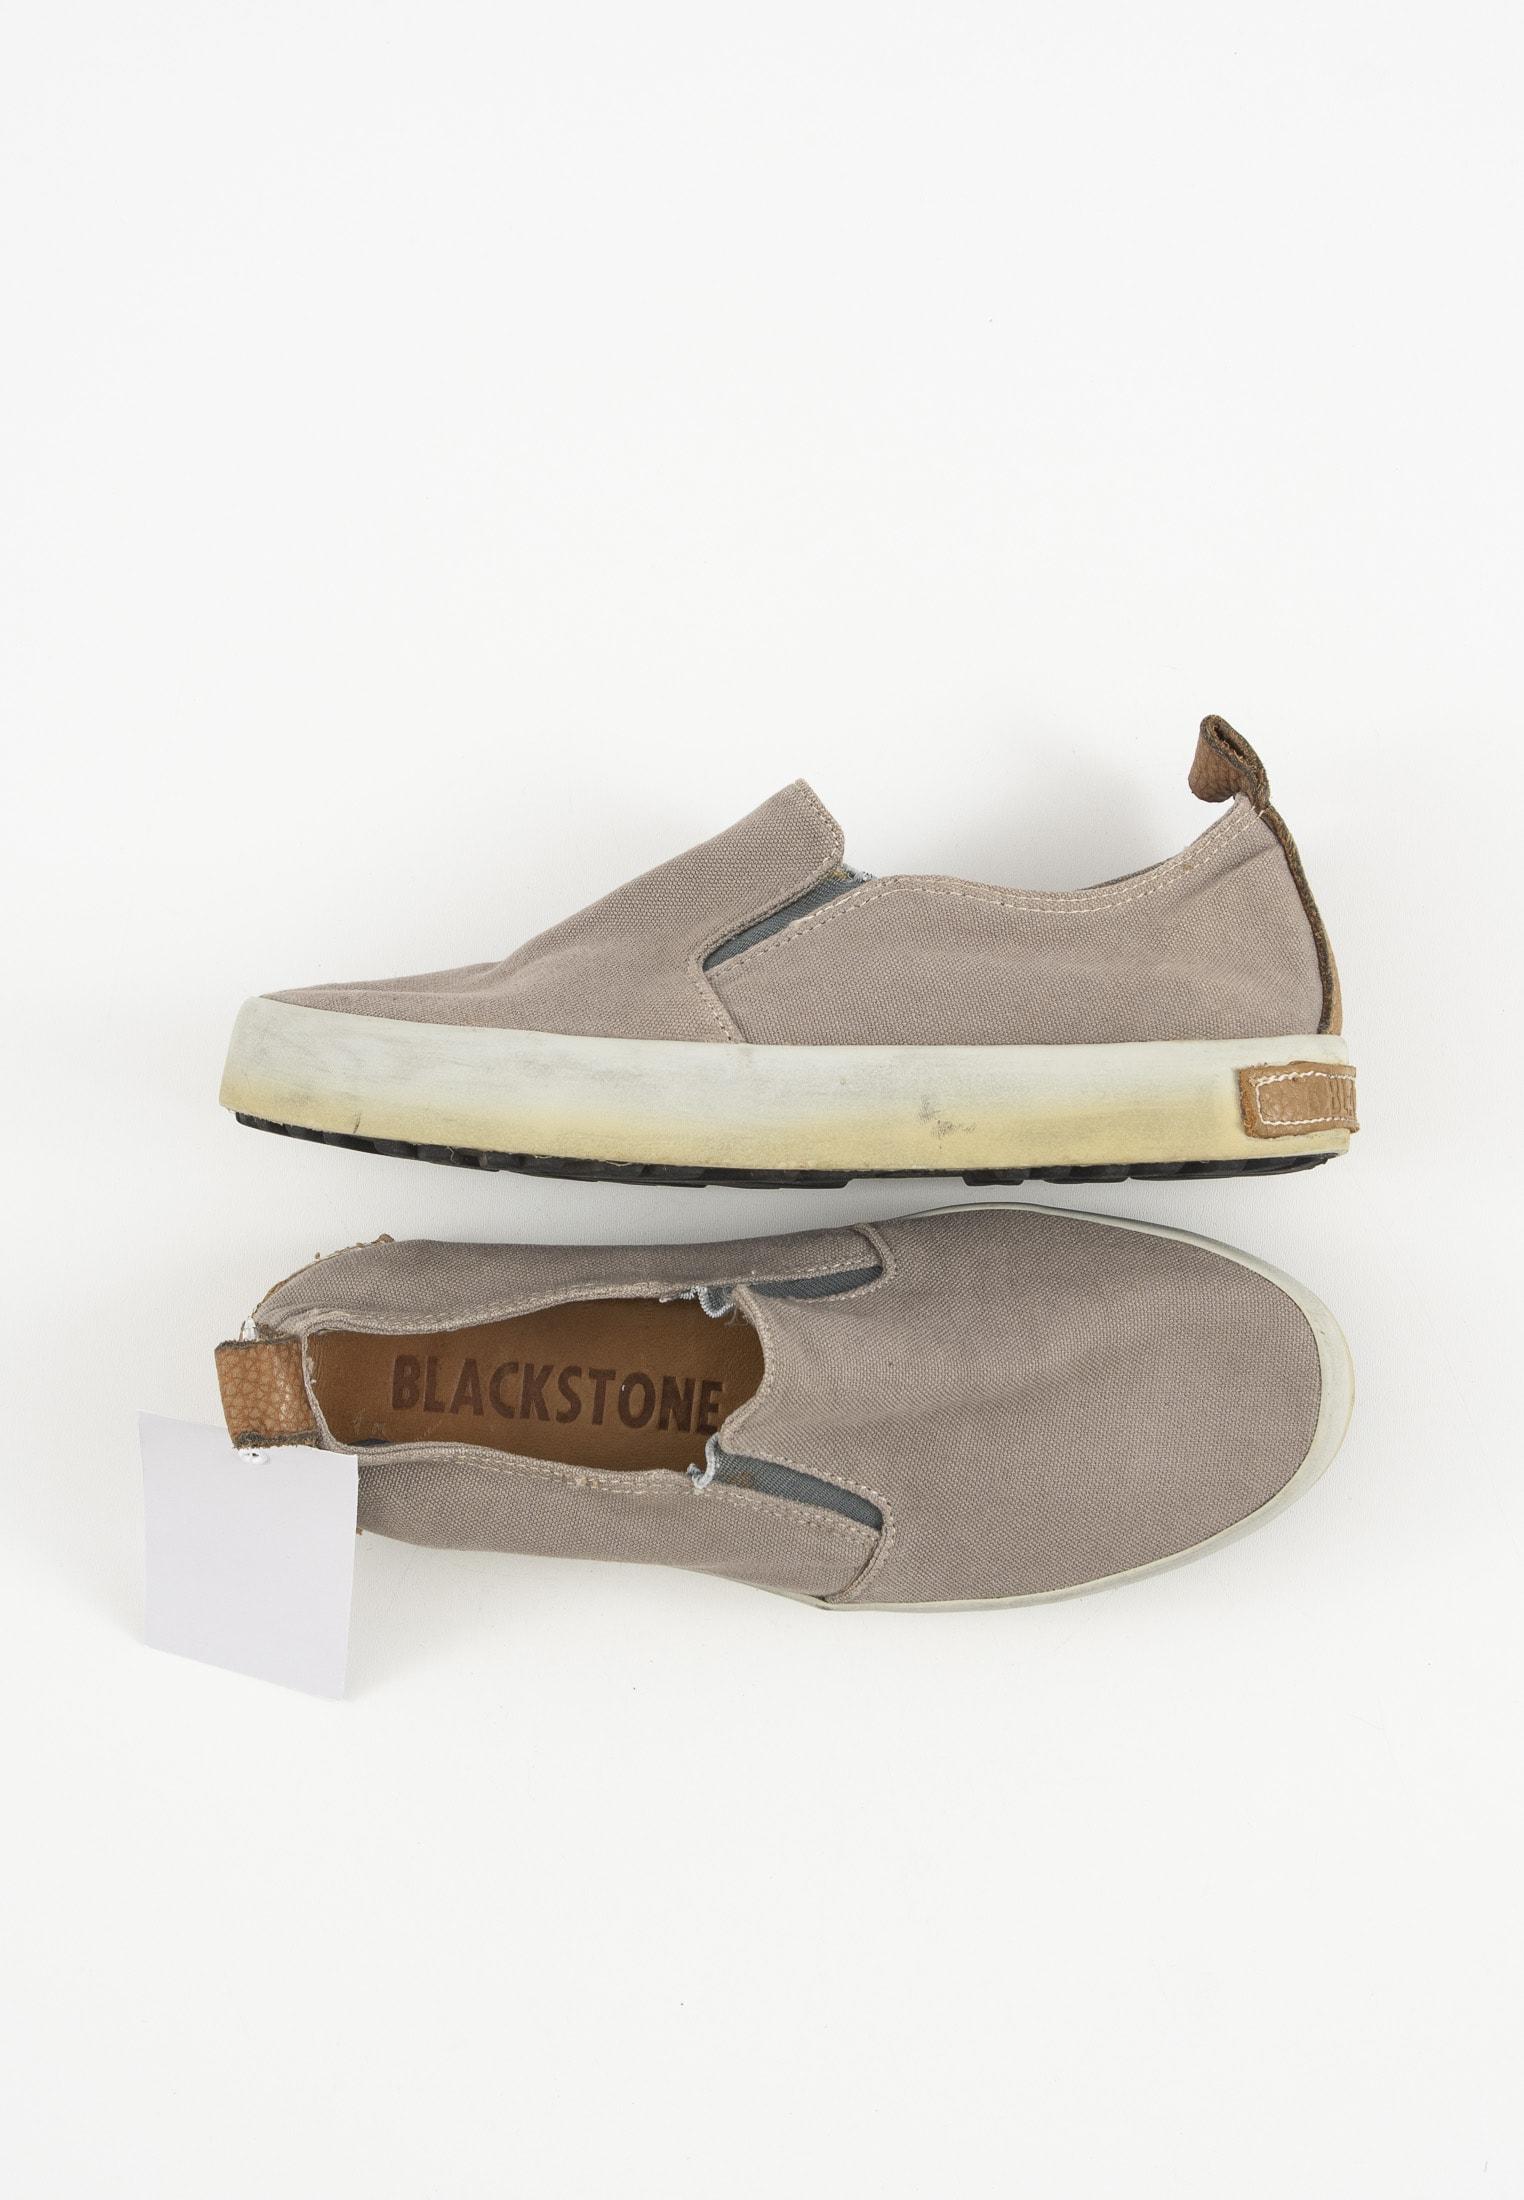 Blackstone Sneakers Beige Gr.37